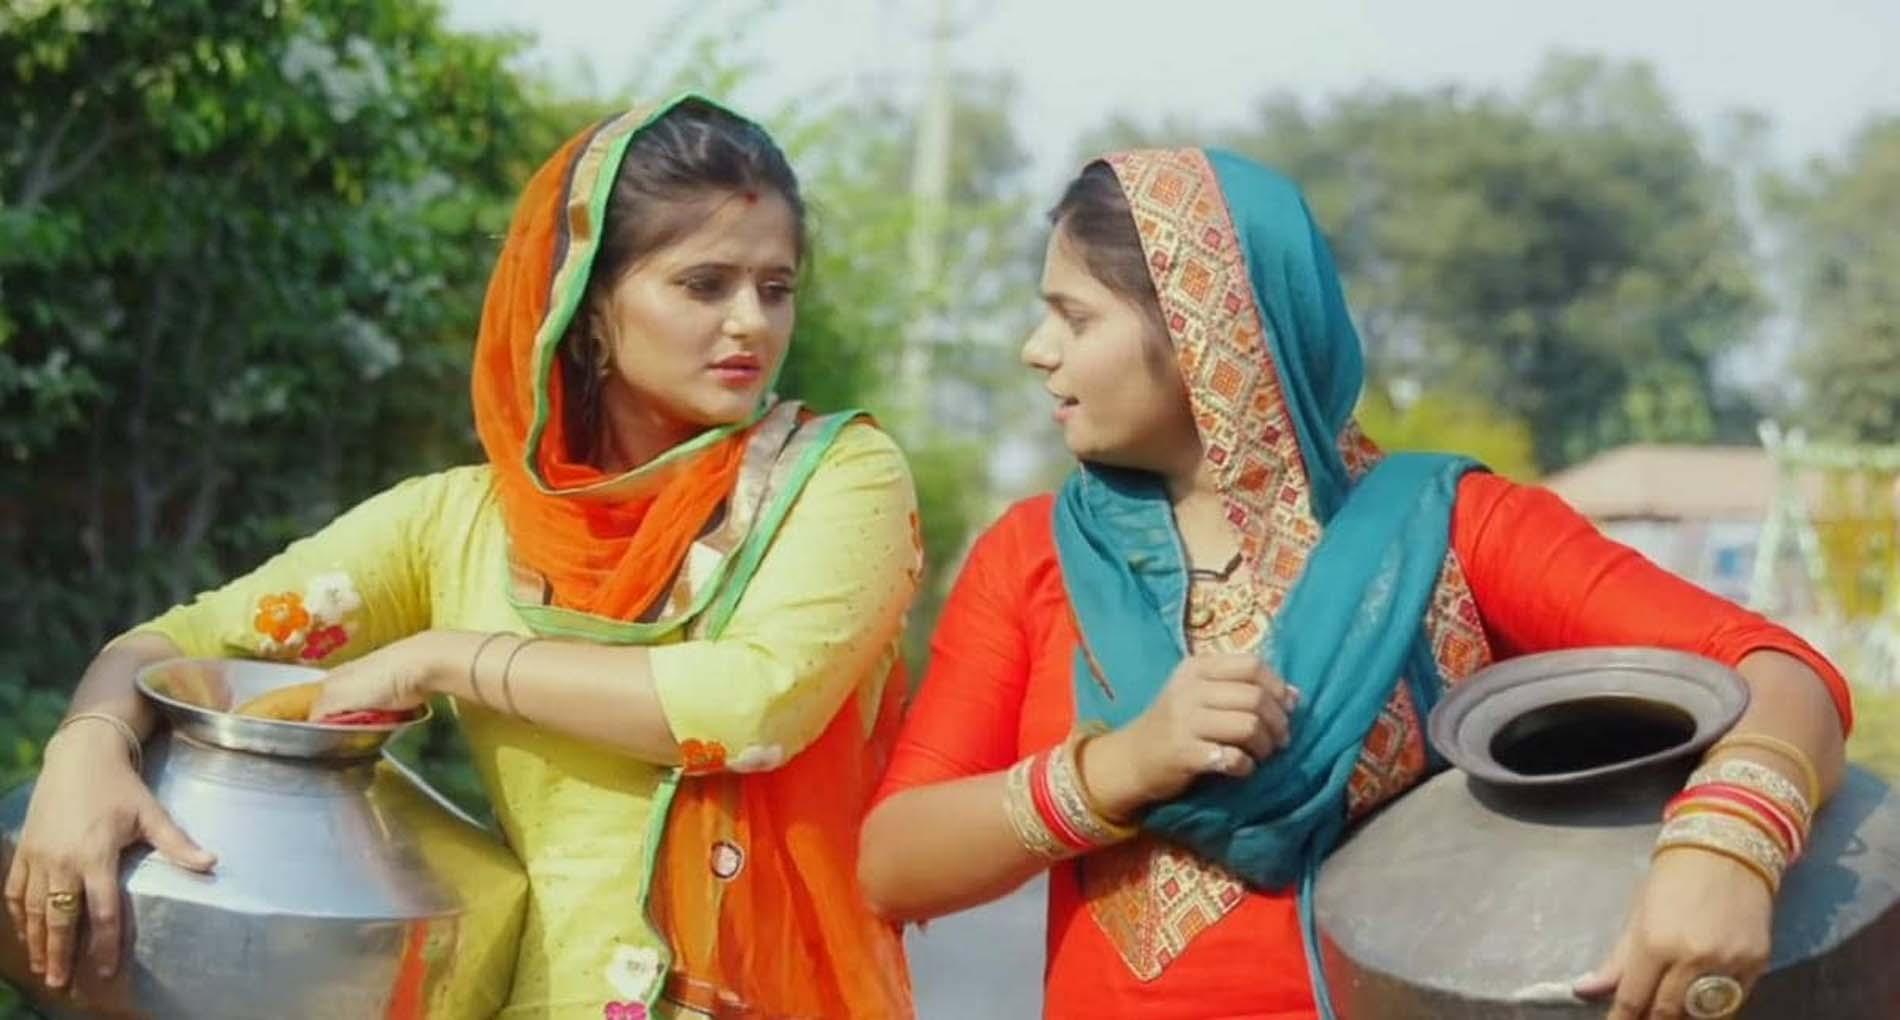 Darling Haryanvi Song: हरियाणवी सॉन्ग 'डार्लिंग' का चला जादू! अबतक 50 लाख बार देखा गया वीडियो